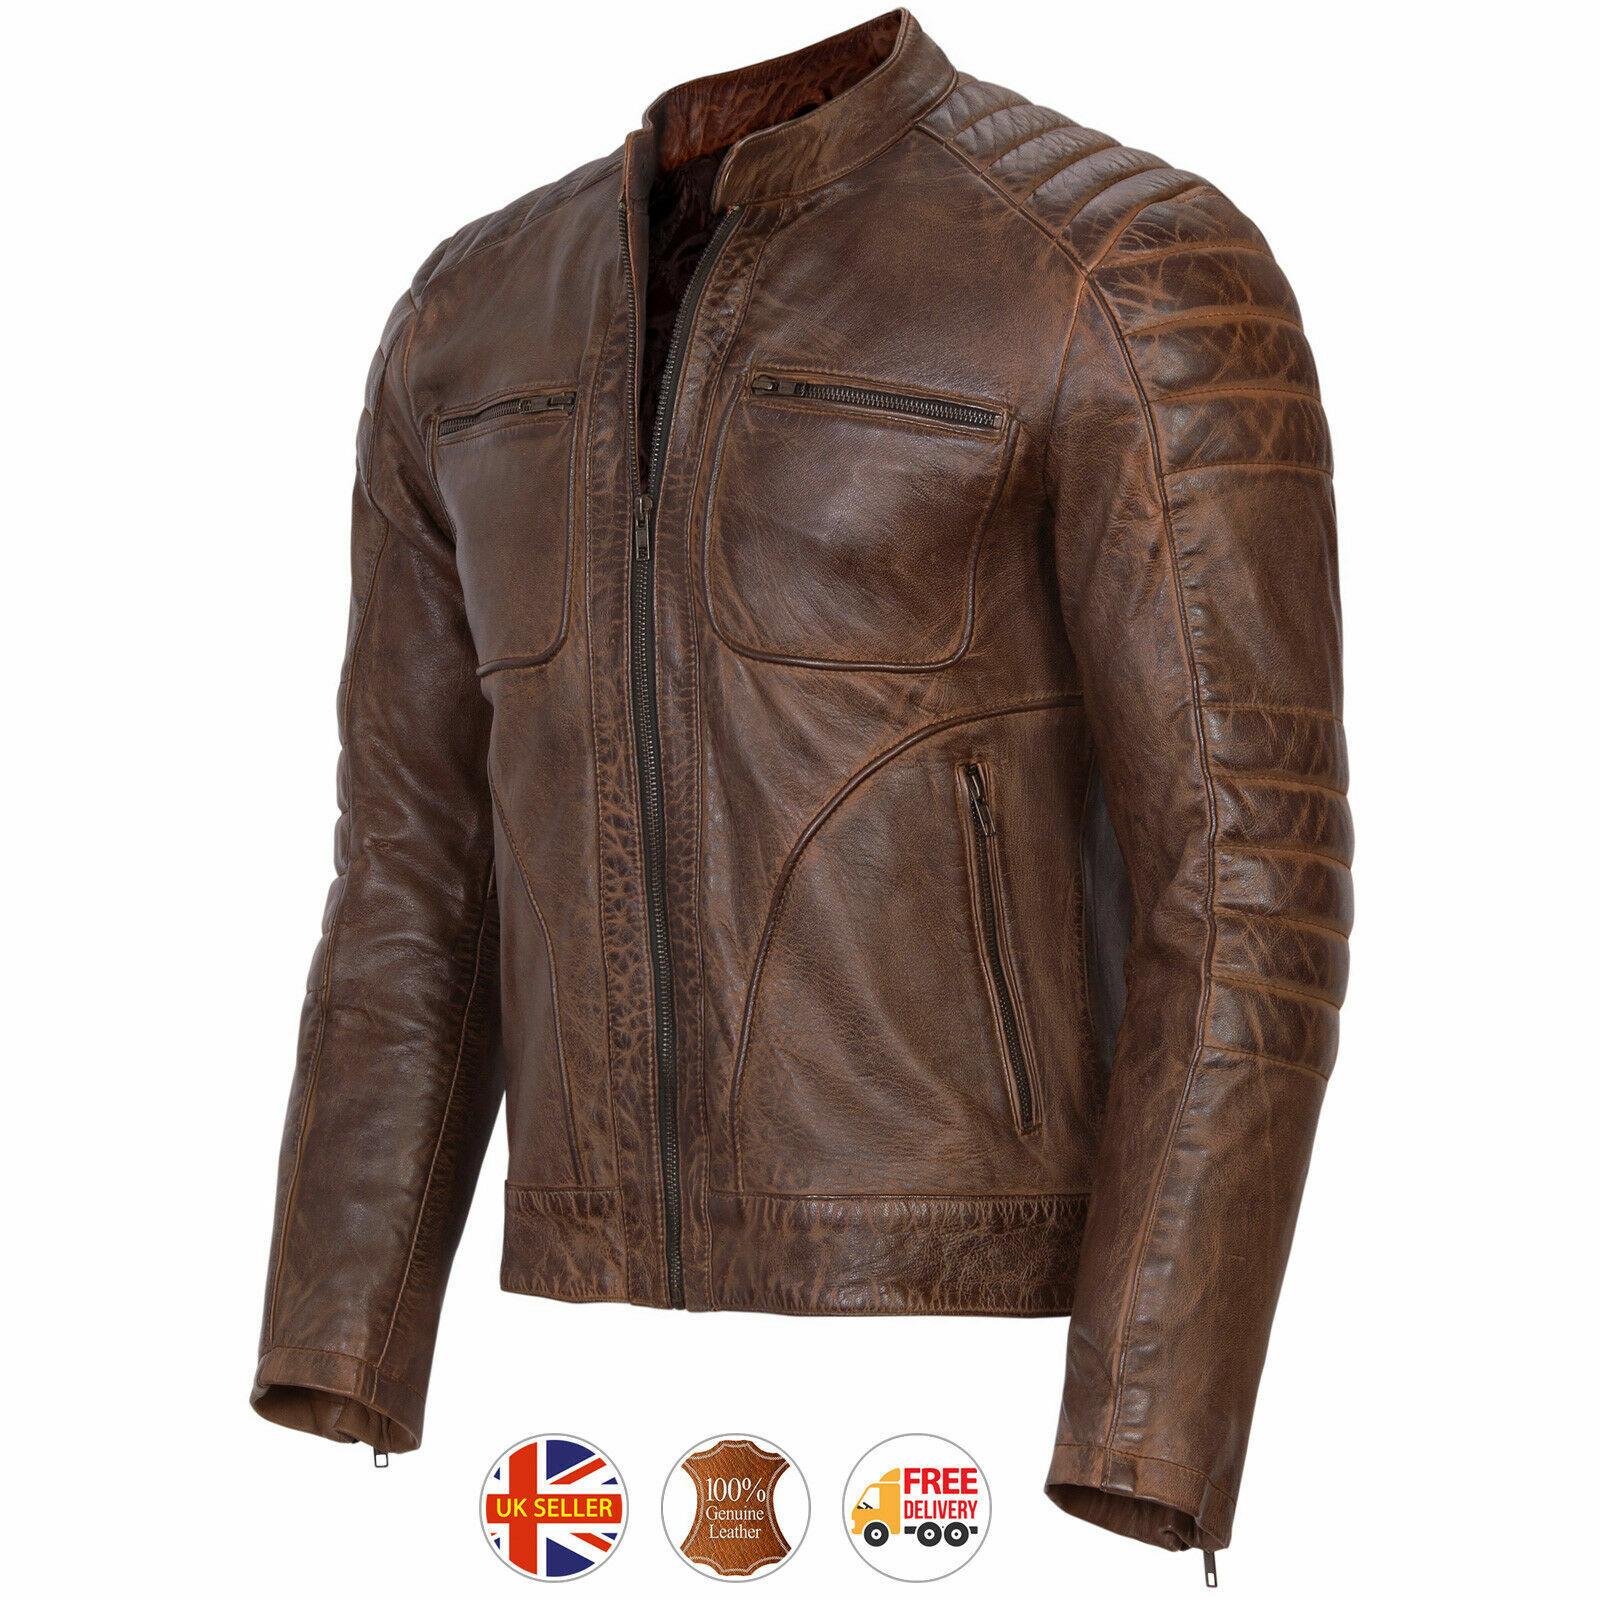 Da Uomo Nera In Pelle Giacca Biker Moto VINTAGE CAFE RACER Genuine Leather